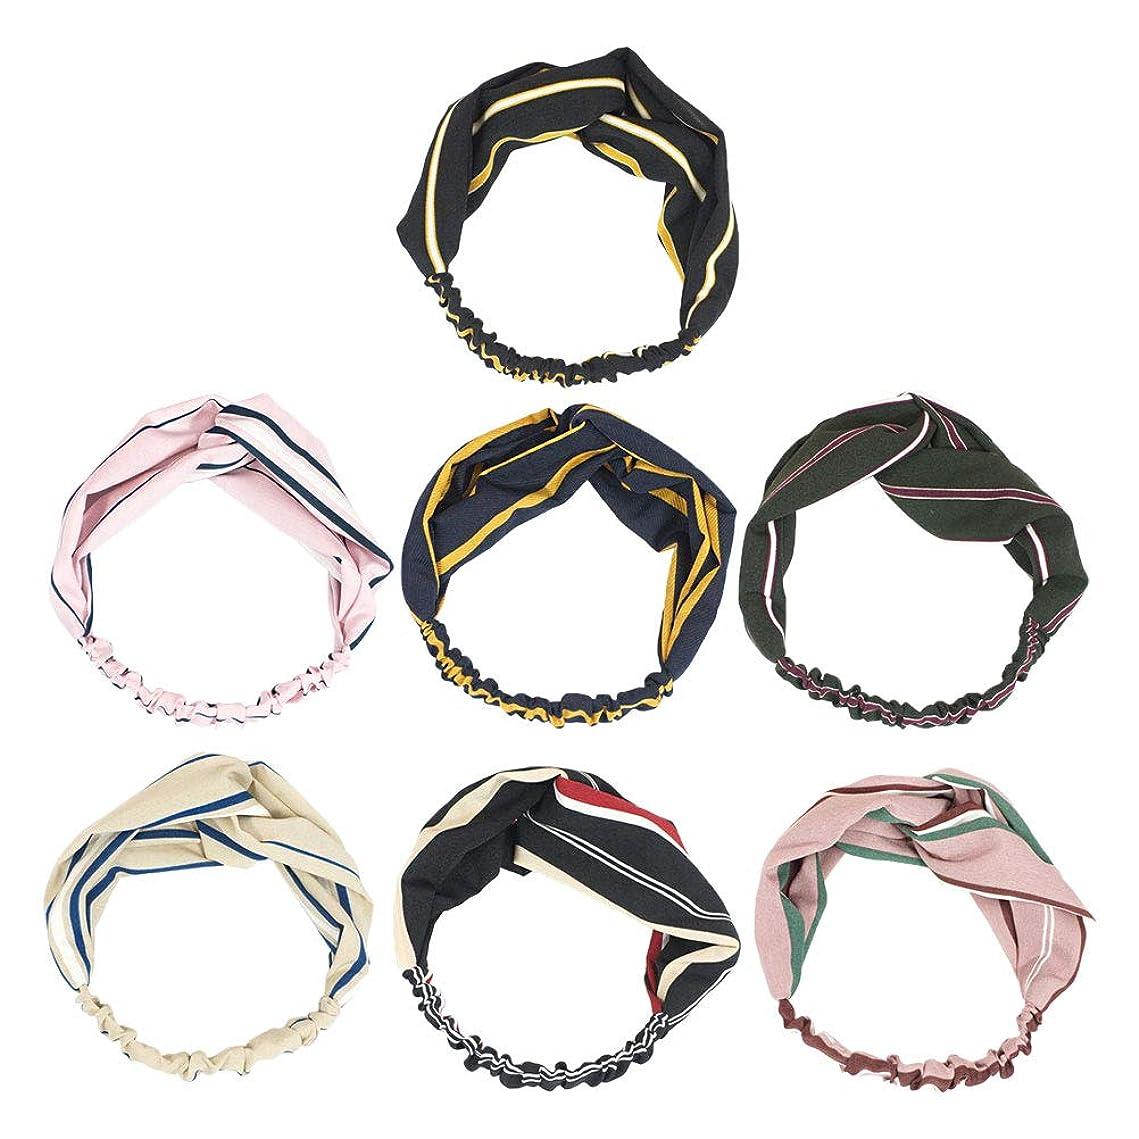 カニ欲望煙突7pcsヘッドバンドクロスノットちょう結び甘いストライプヘアバンド女性のためのヘアアクセサリーGirls(Ming Blue + Pink + Skin Color + Black + Black Red Stripe + Atrovirens + Flesh Pink)